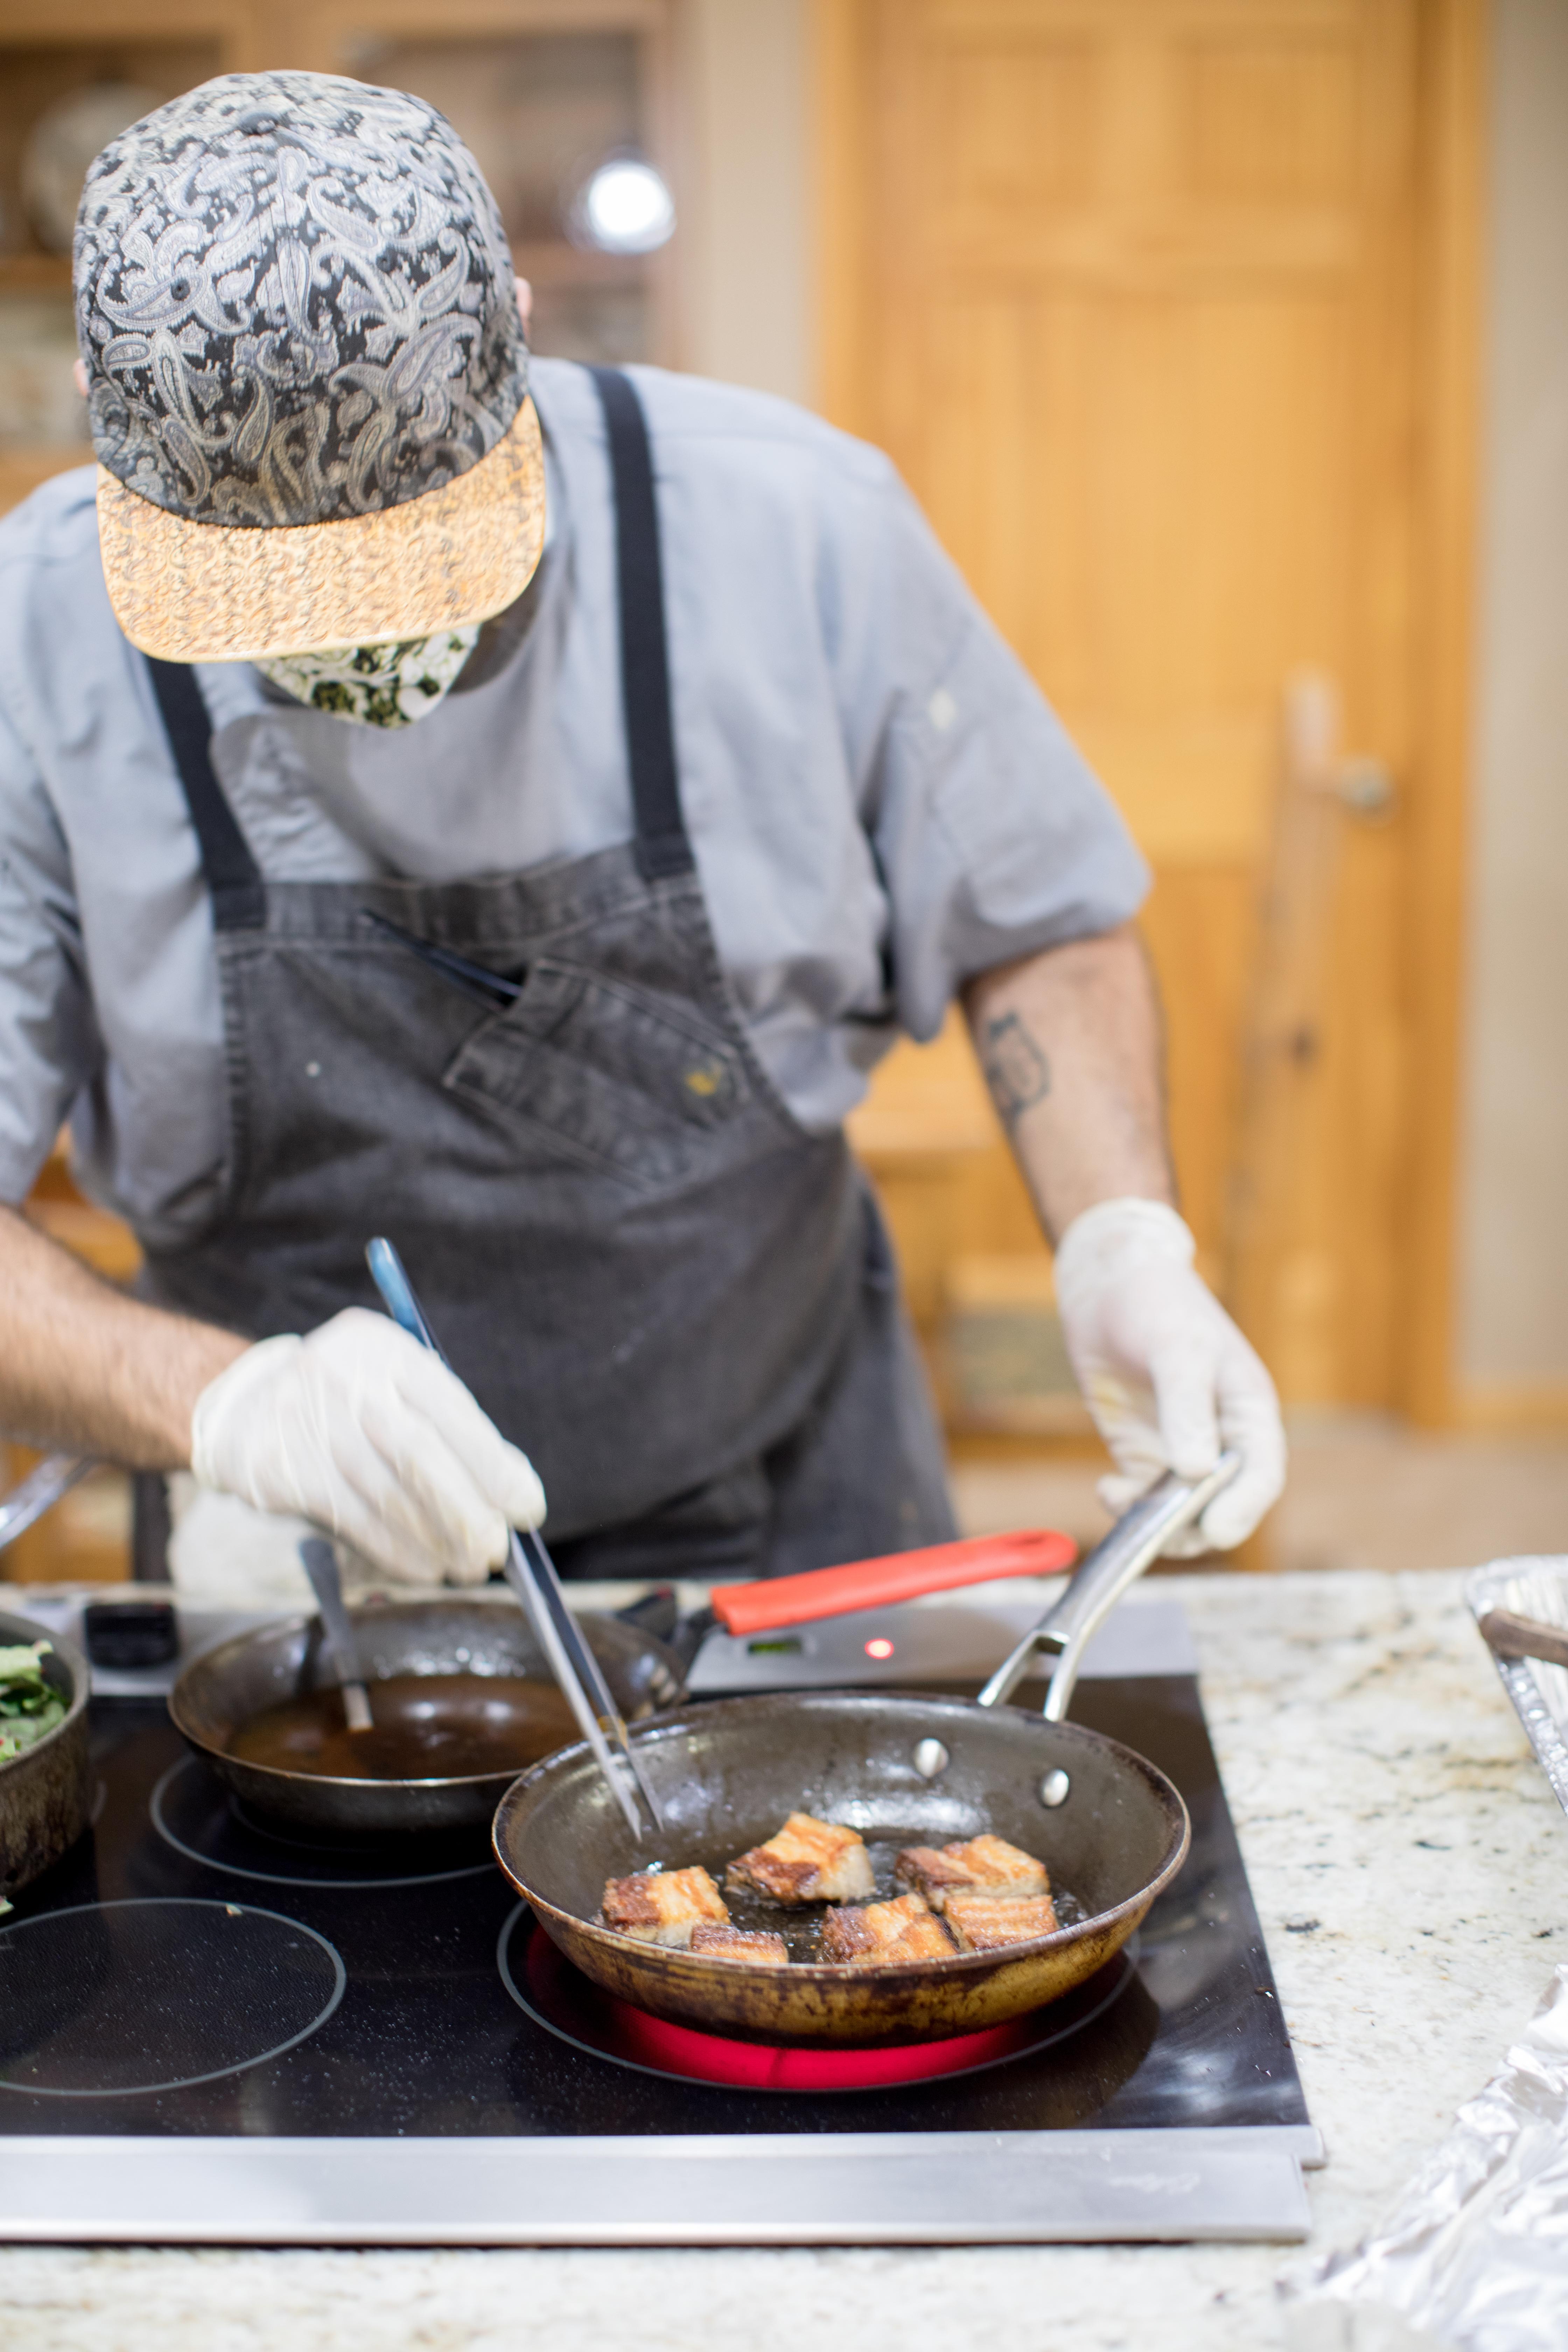 Private-Home-Rental-Wedding-VRBO-Fall-Breckenridge-Colorado-Private-Chef